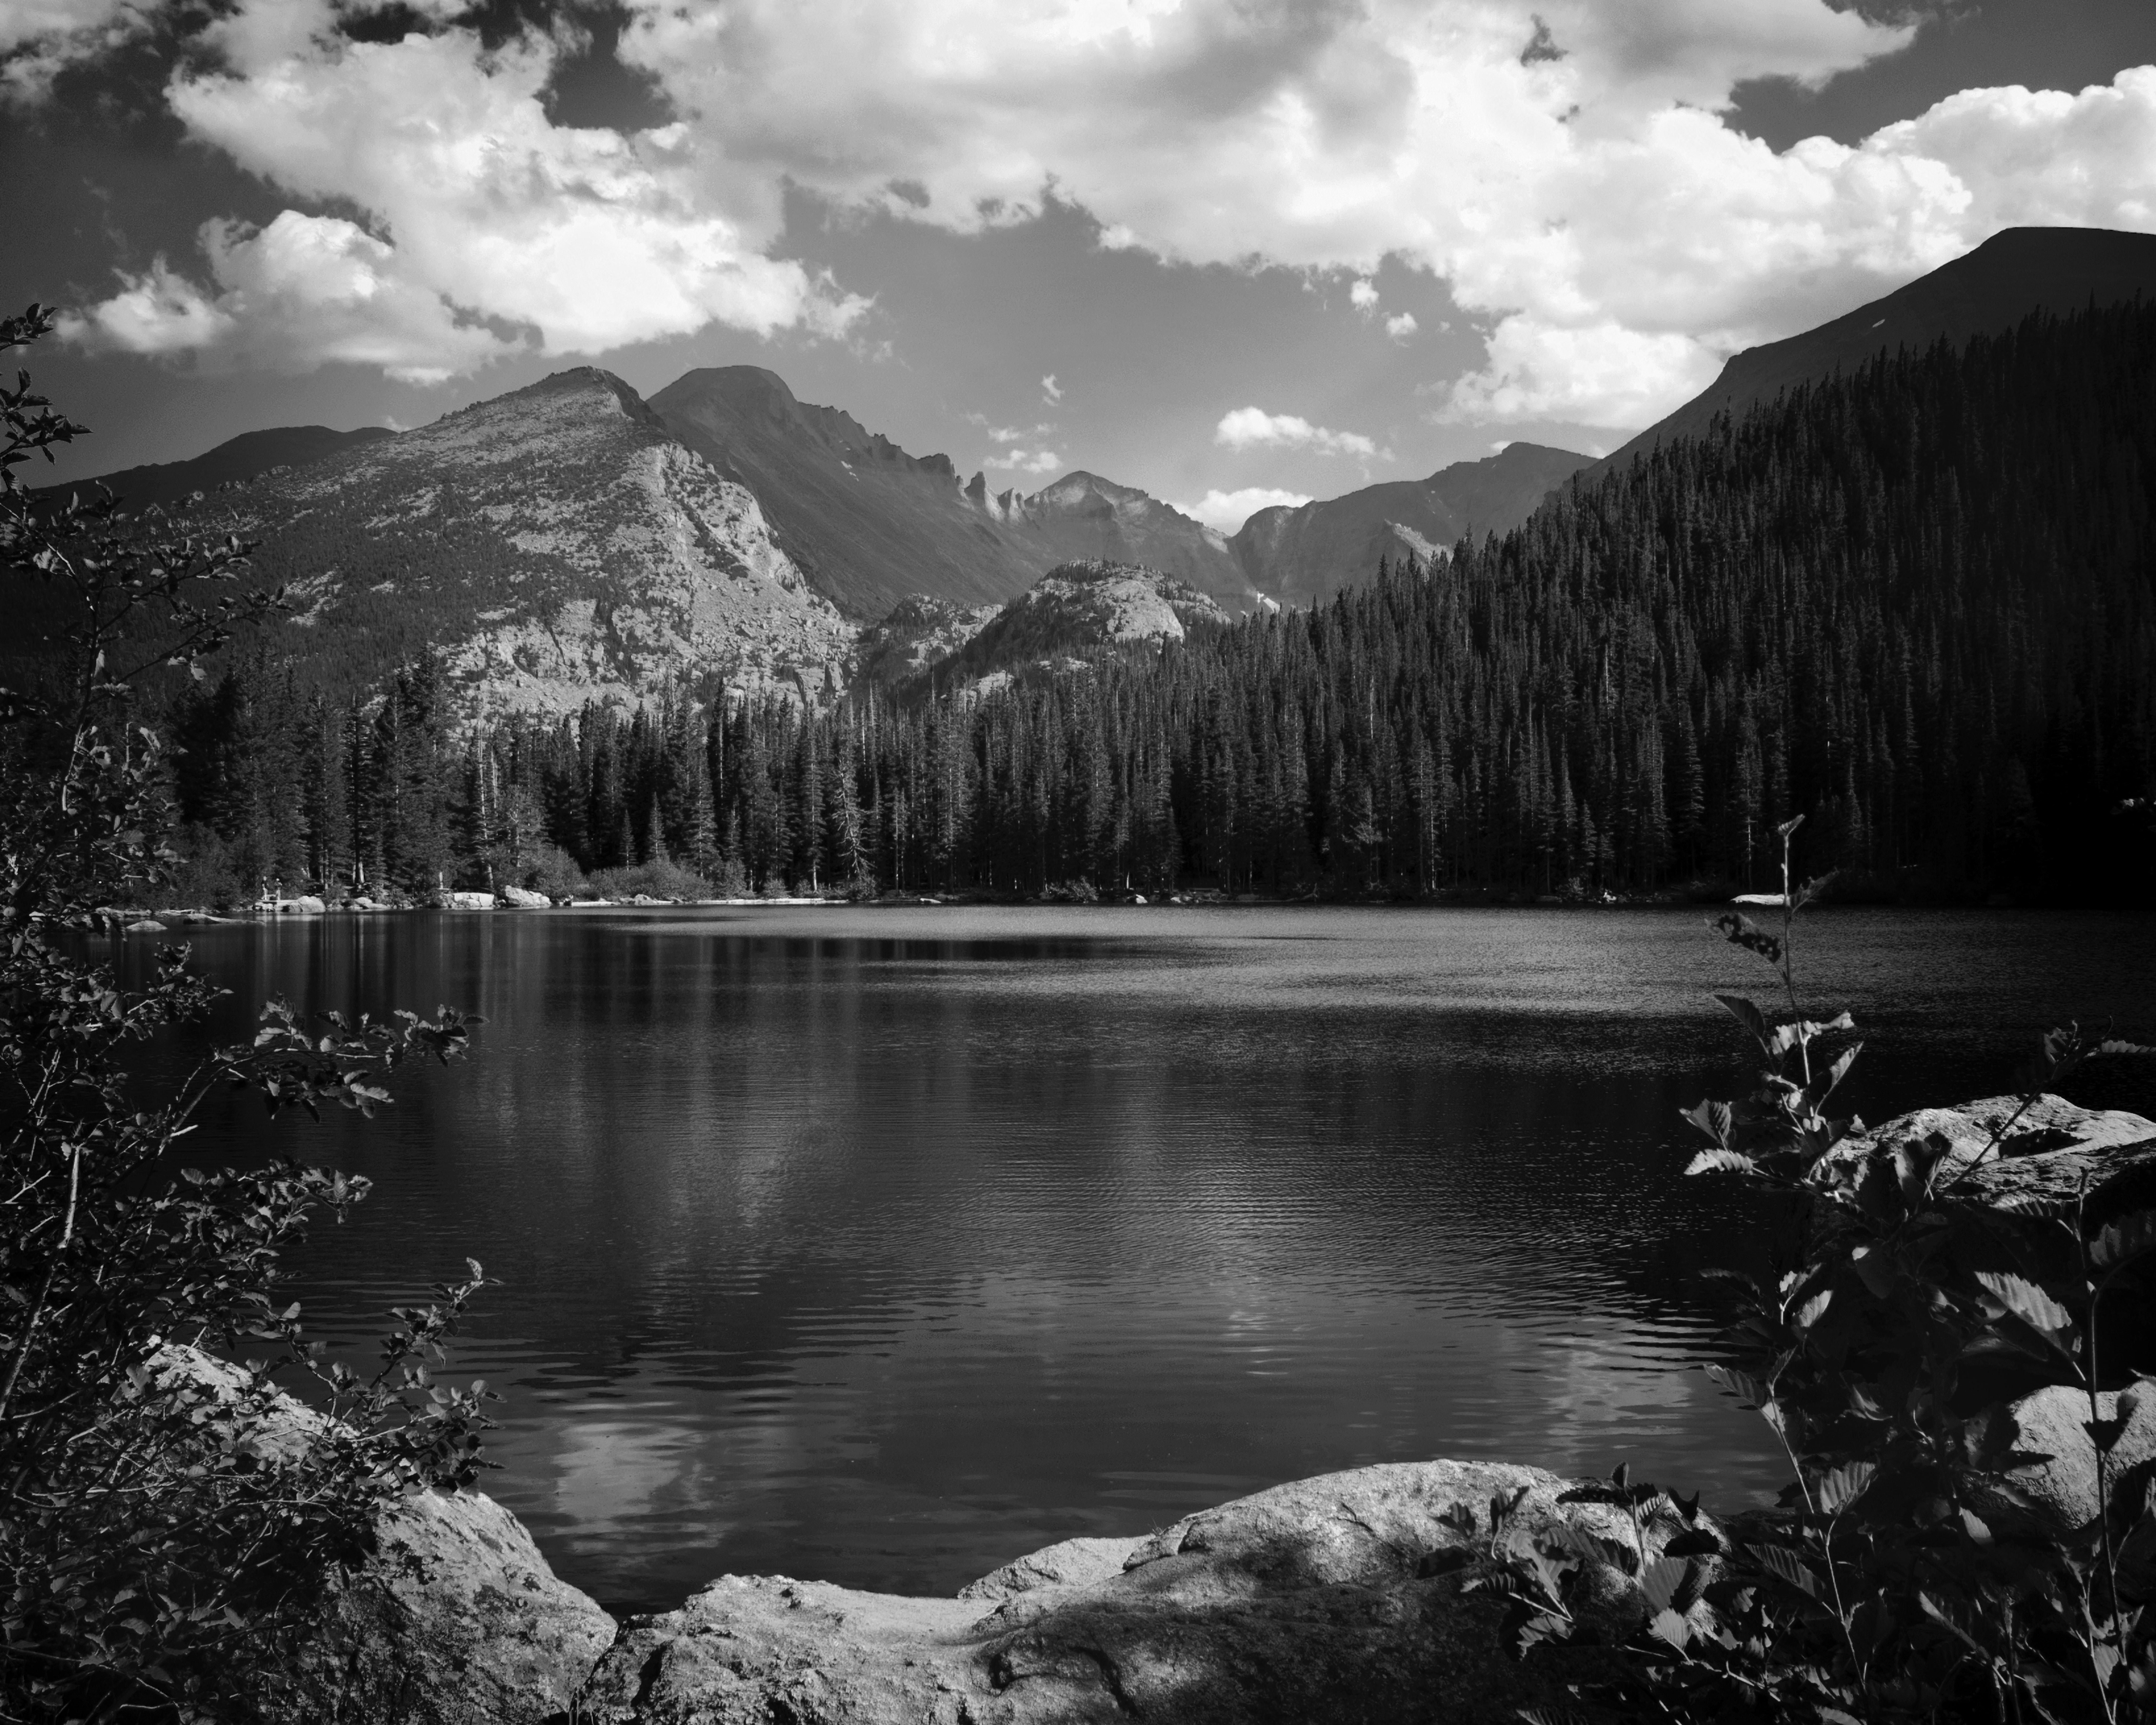 красивые черно белые фото природа любопытно, довольны